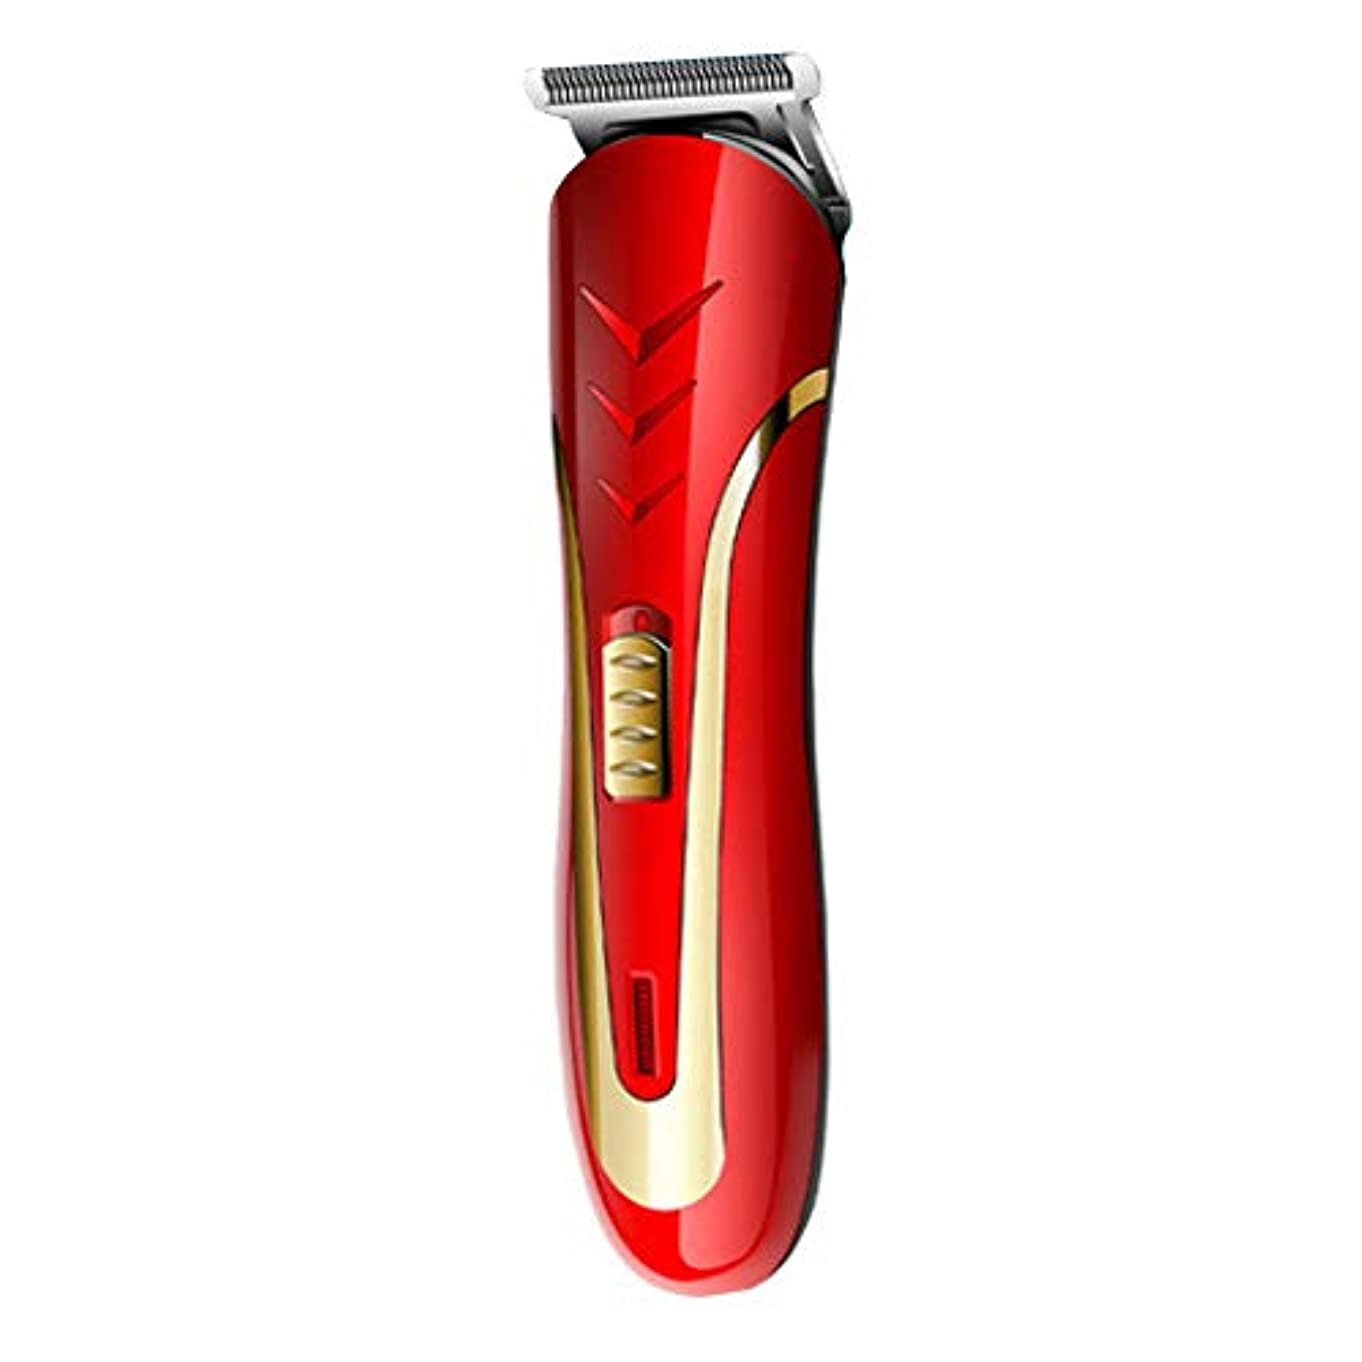 奨学金収容する寛大なQINJLI 電気バリカン、シェービング、脱毛、電気のフェーダー、充電式ライト、制限くし 15.7 * 4.1 cm